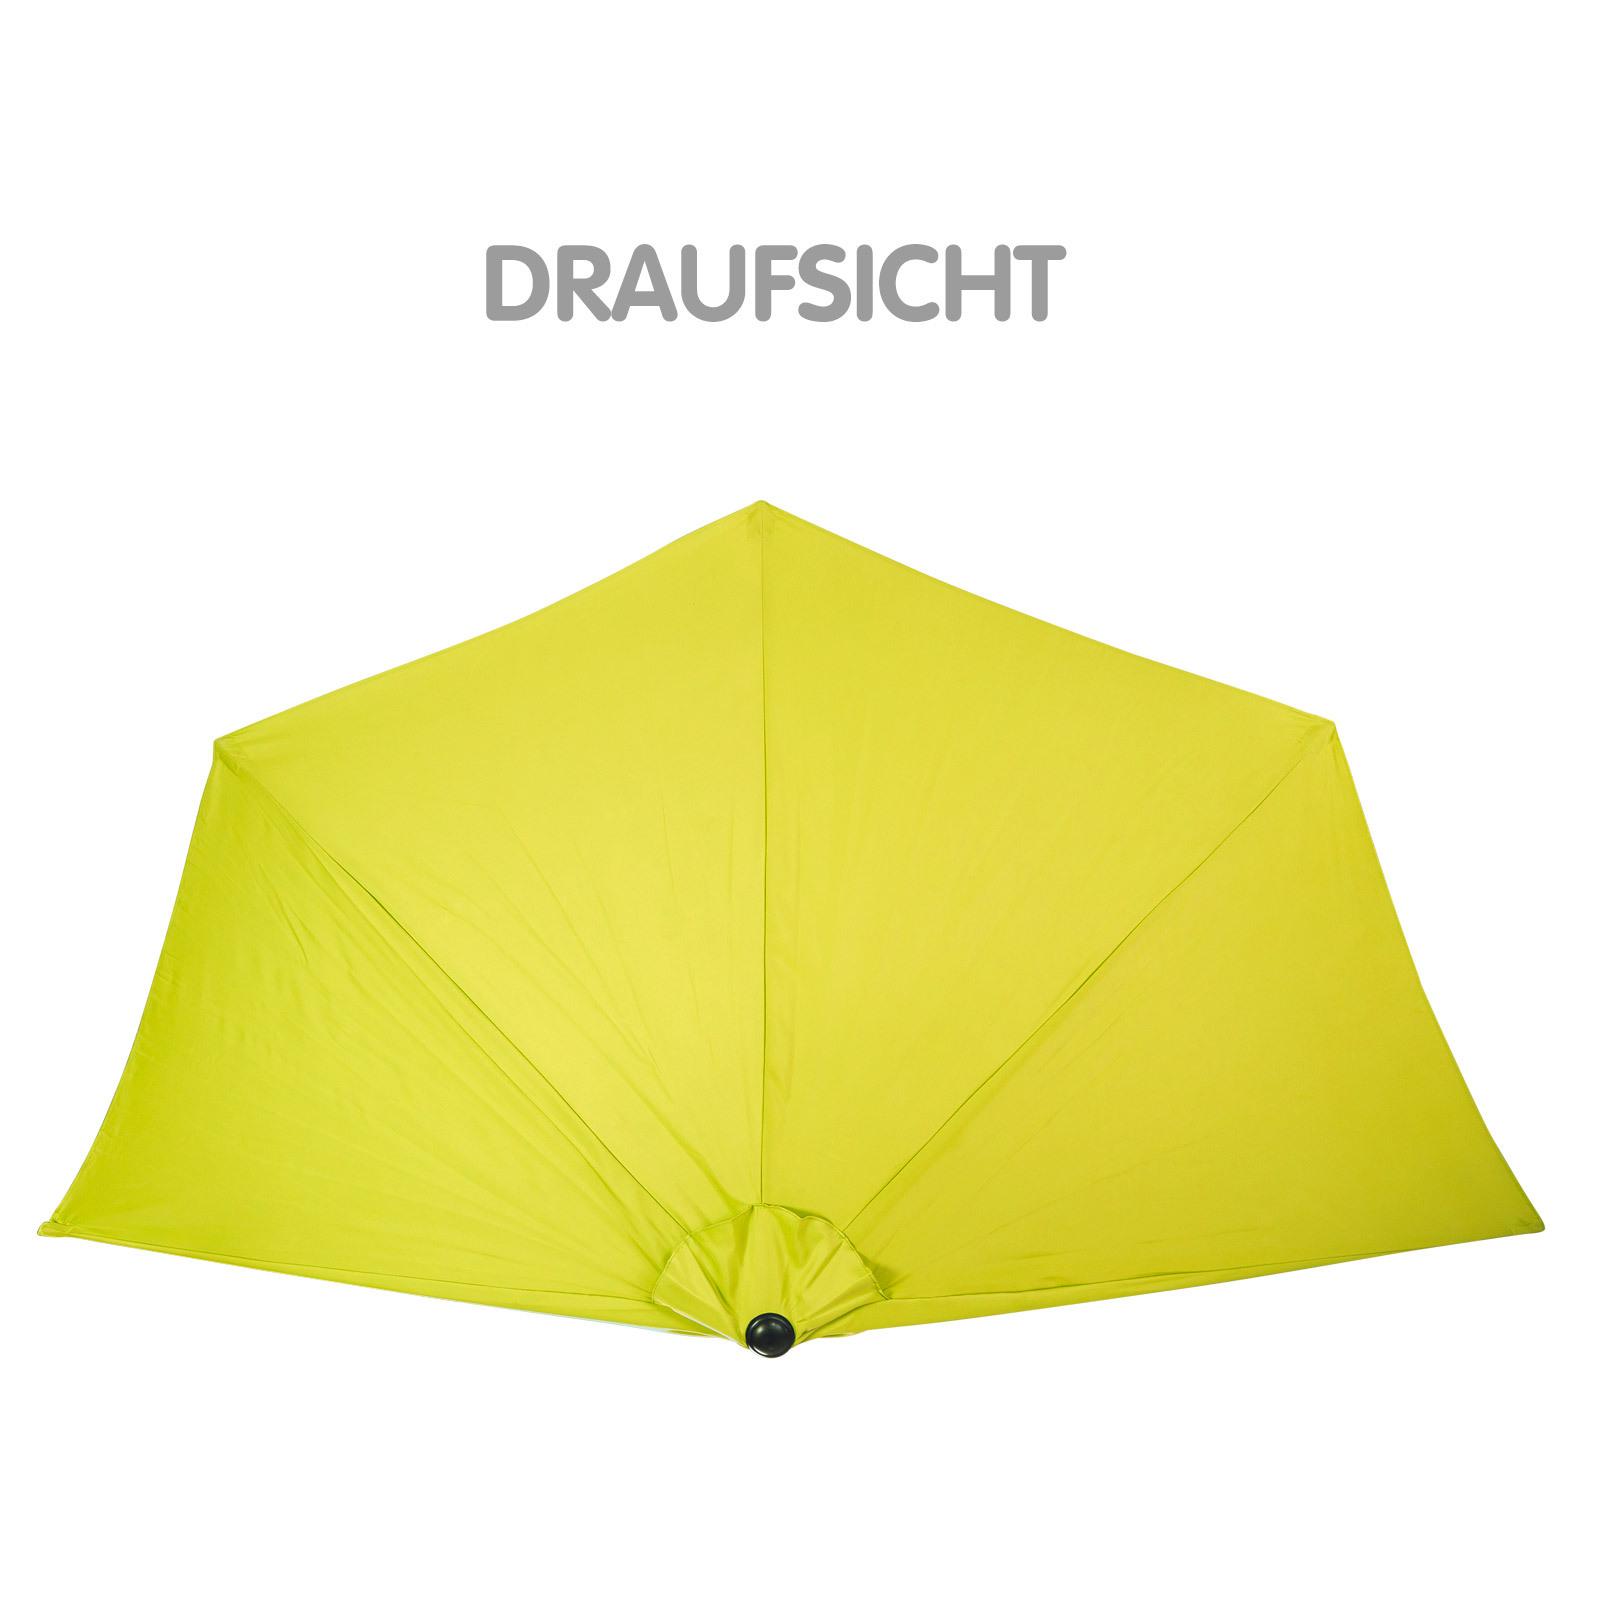 sonnenschirm gartenschirm sonnenschutz halbrund lemon gelb. Black Bedroom Furniture Sets. Home Design Ideas